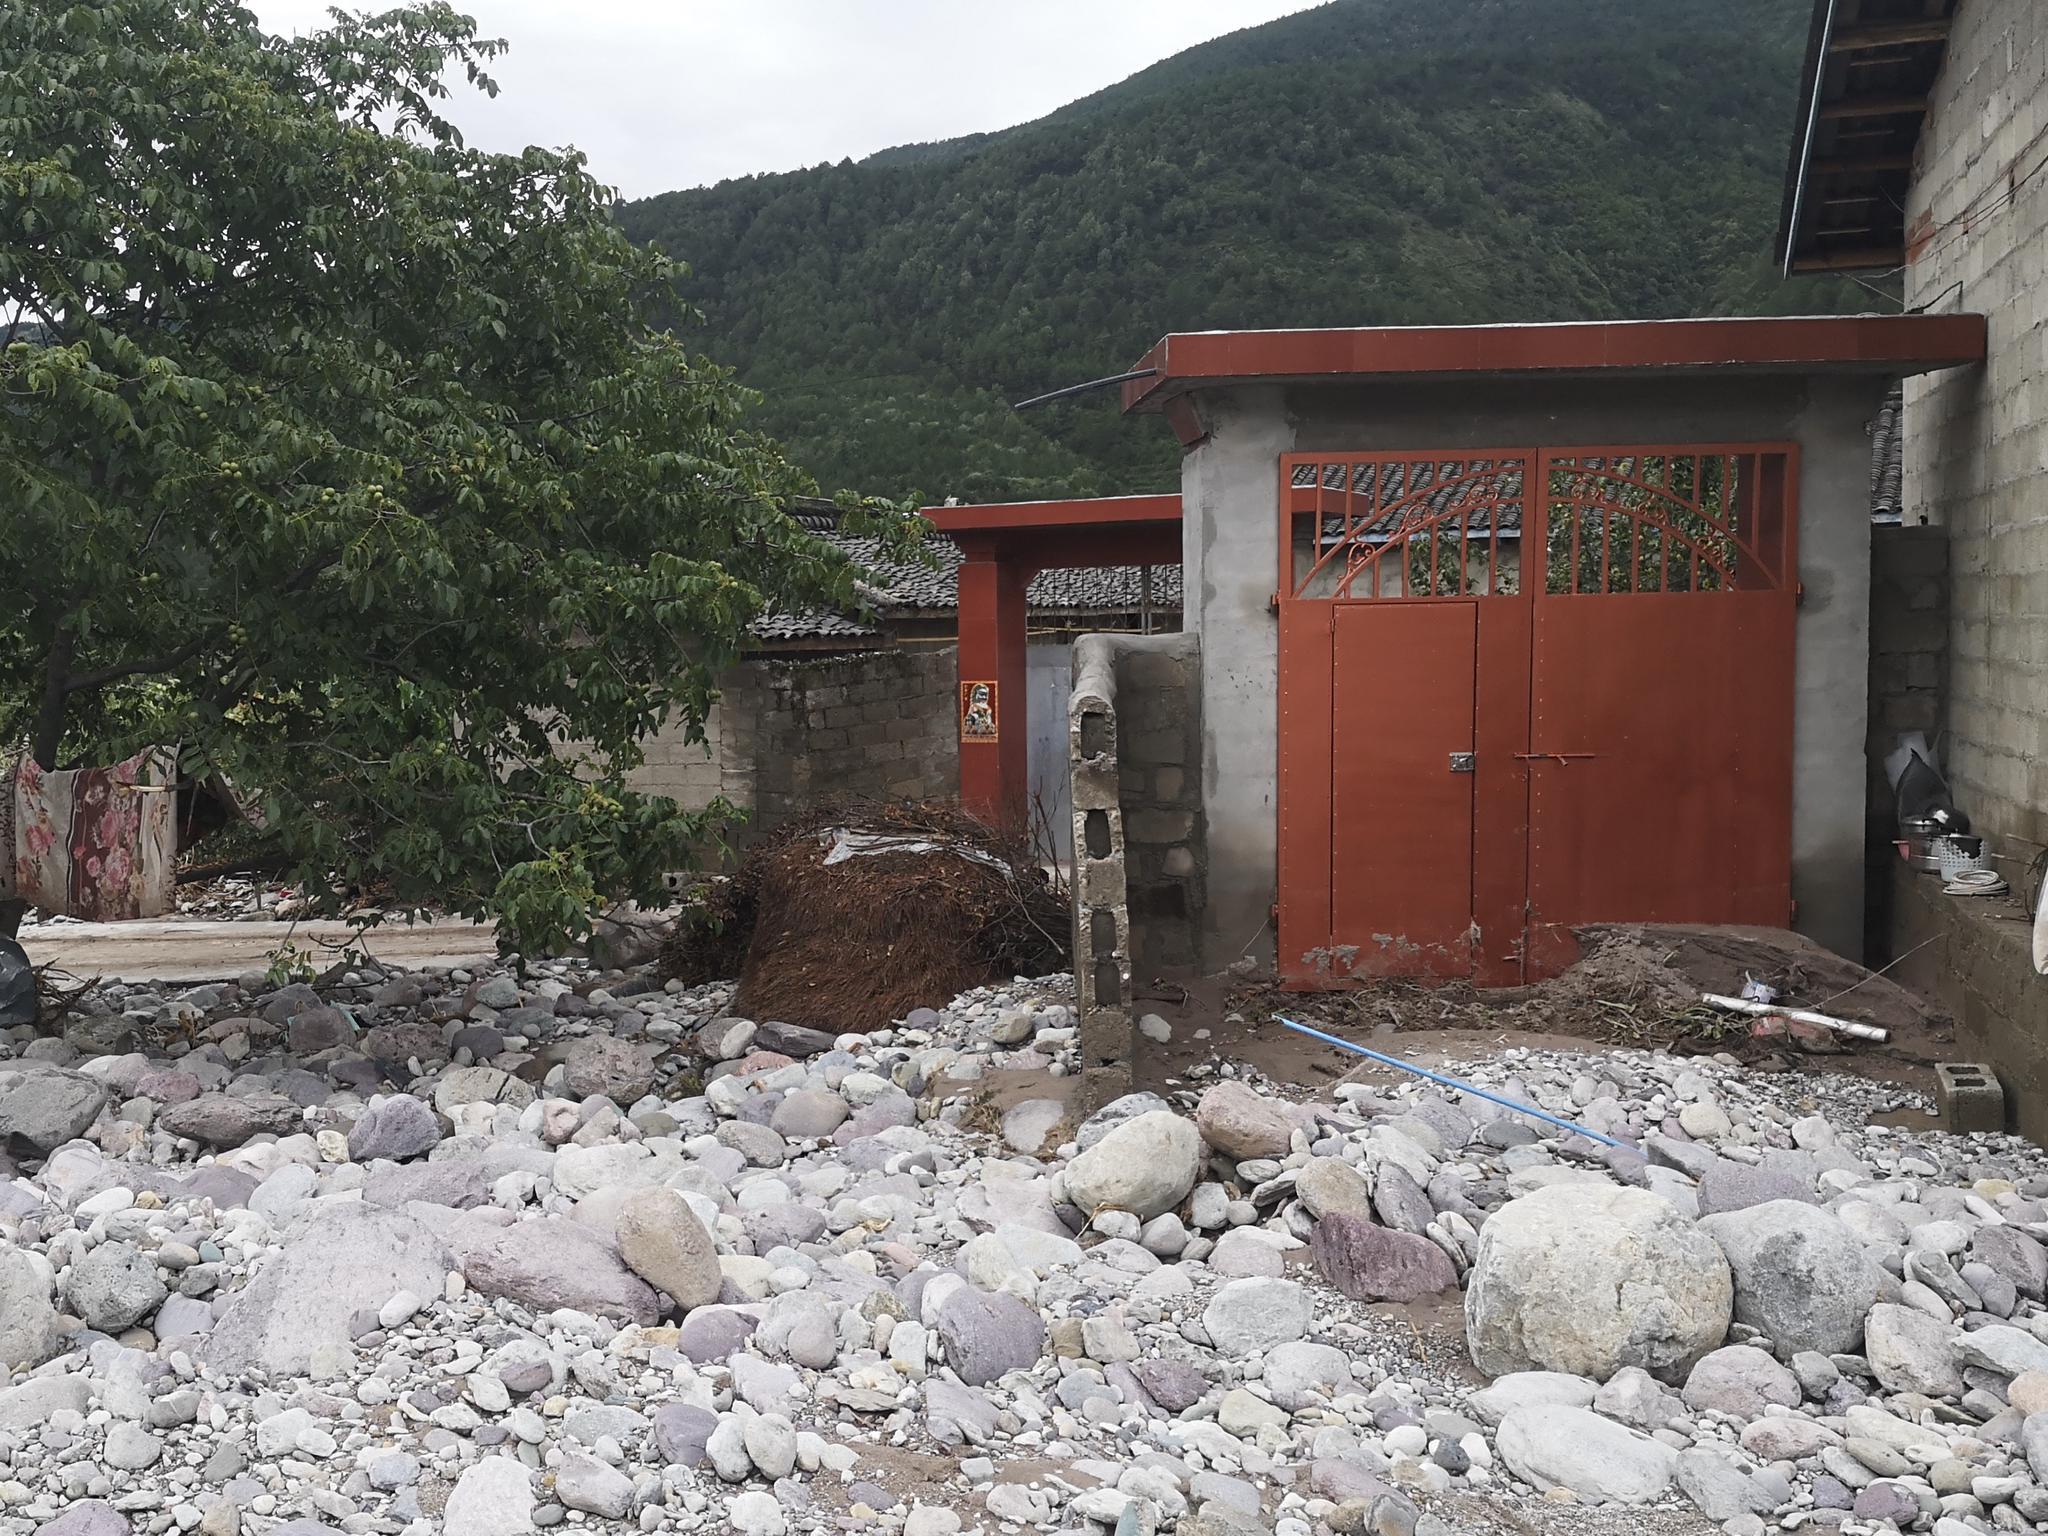 大堡子村内的一处民房,三面墙都被洪水冲走了,只剩下一扇红色铁门。新京报记者 李桂 摄